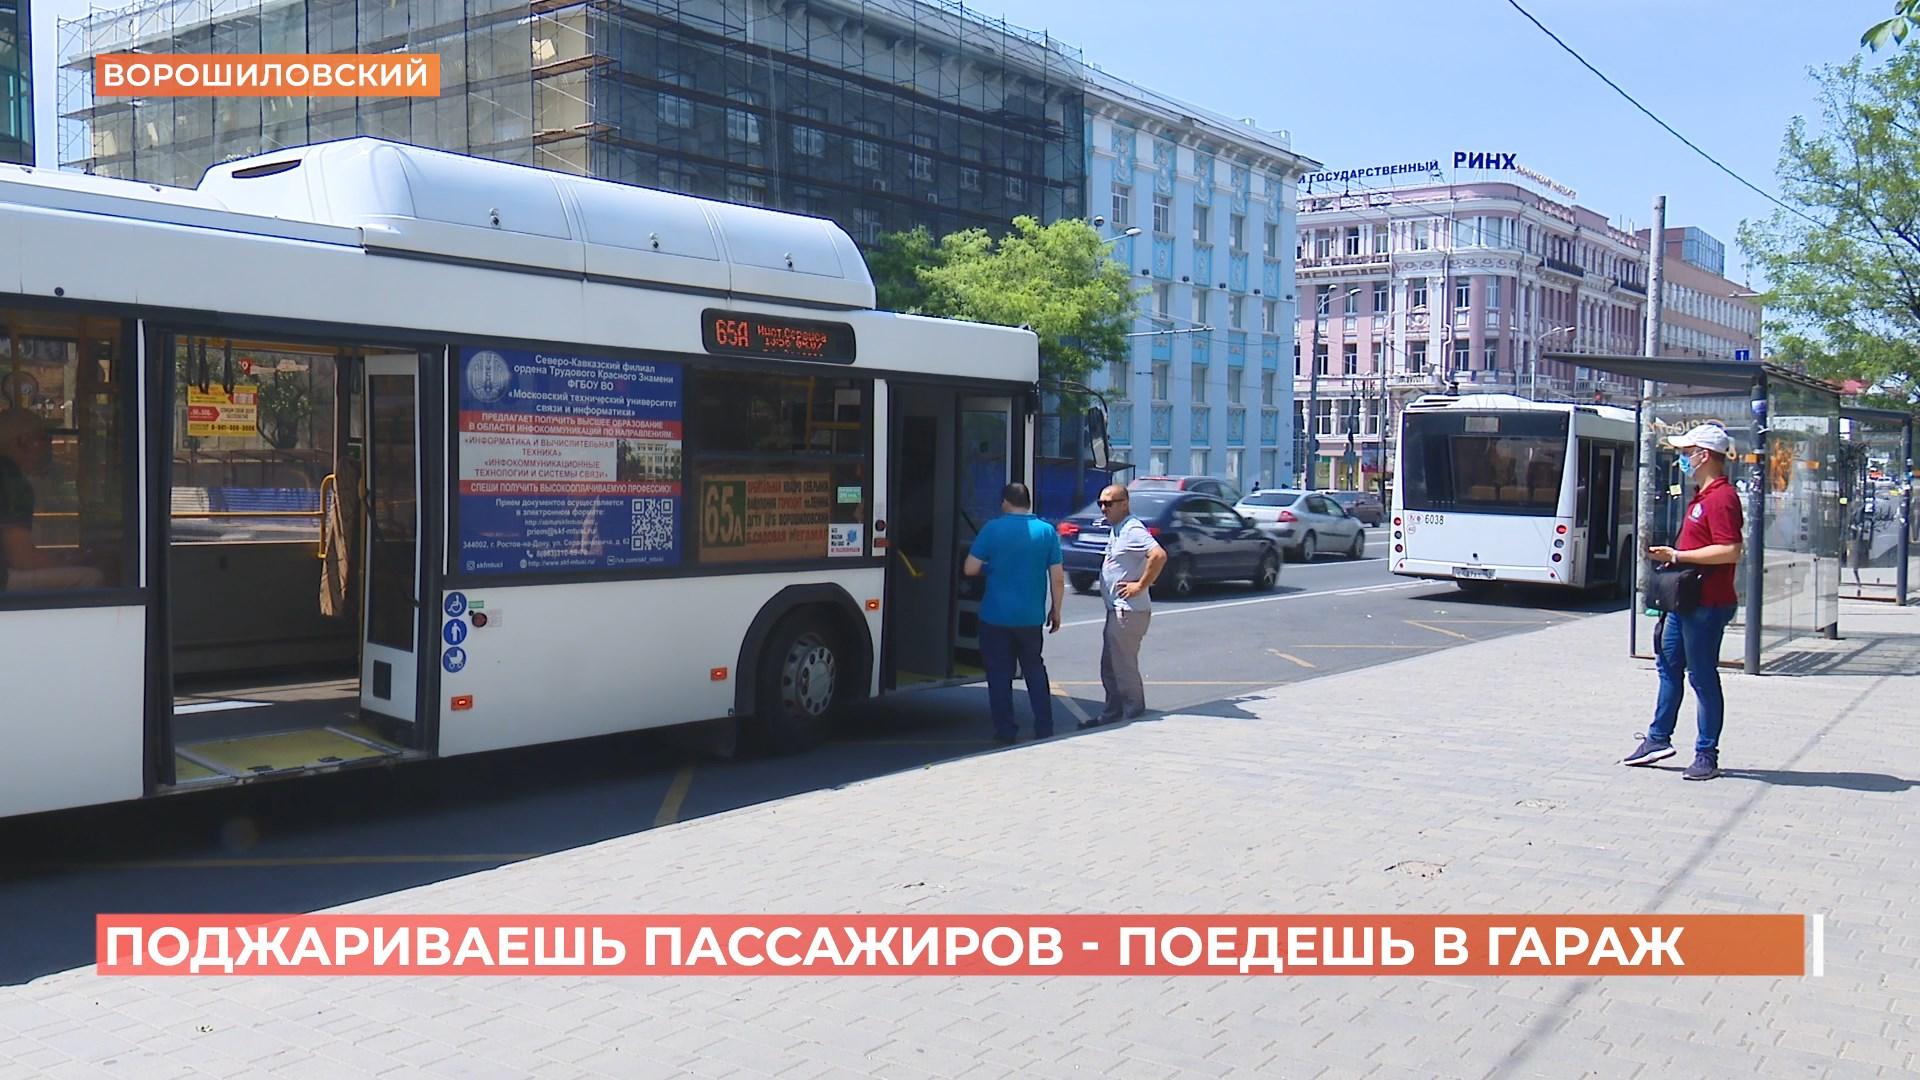 Поджариваешь пассажиров — поедешь в гараж: в ростовском общественном транспорте проходят проверочные рейды